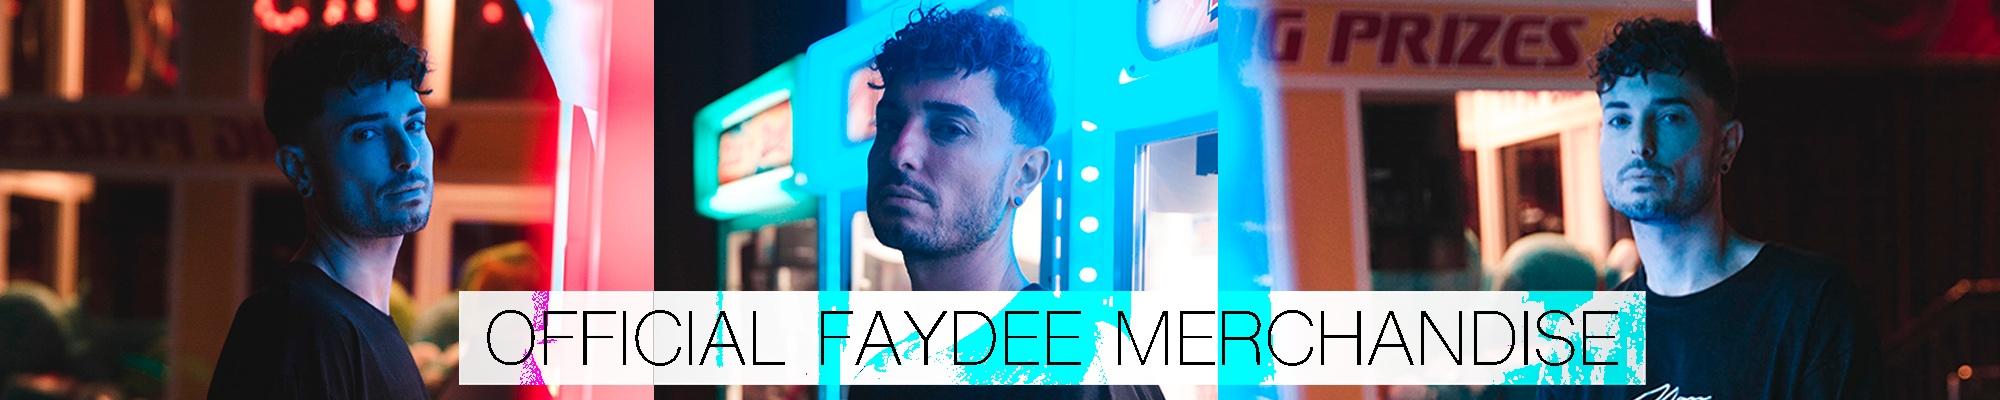 Faydeemerch Cover